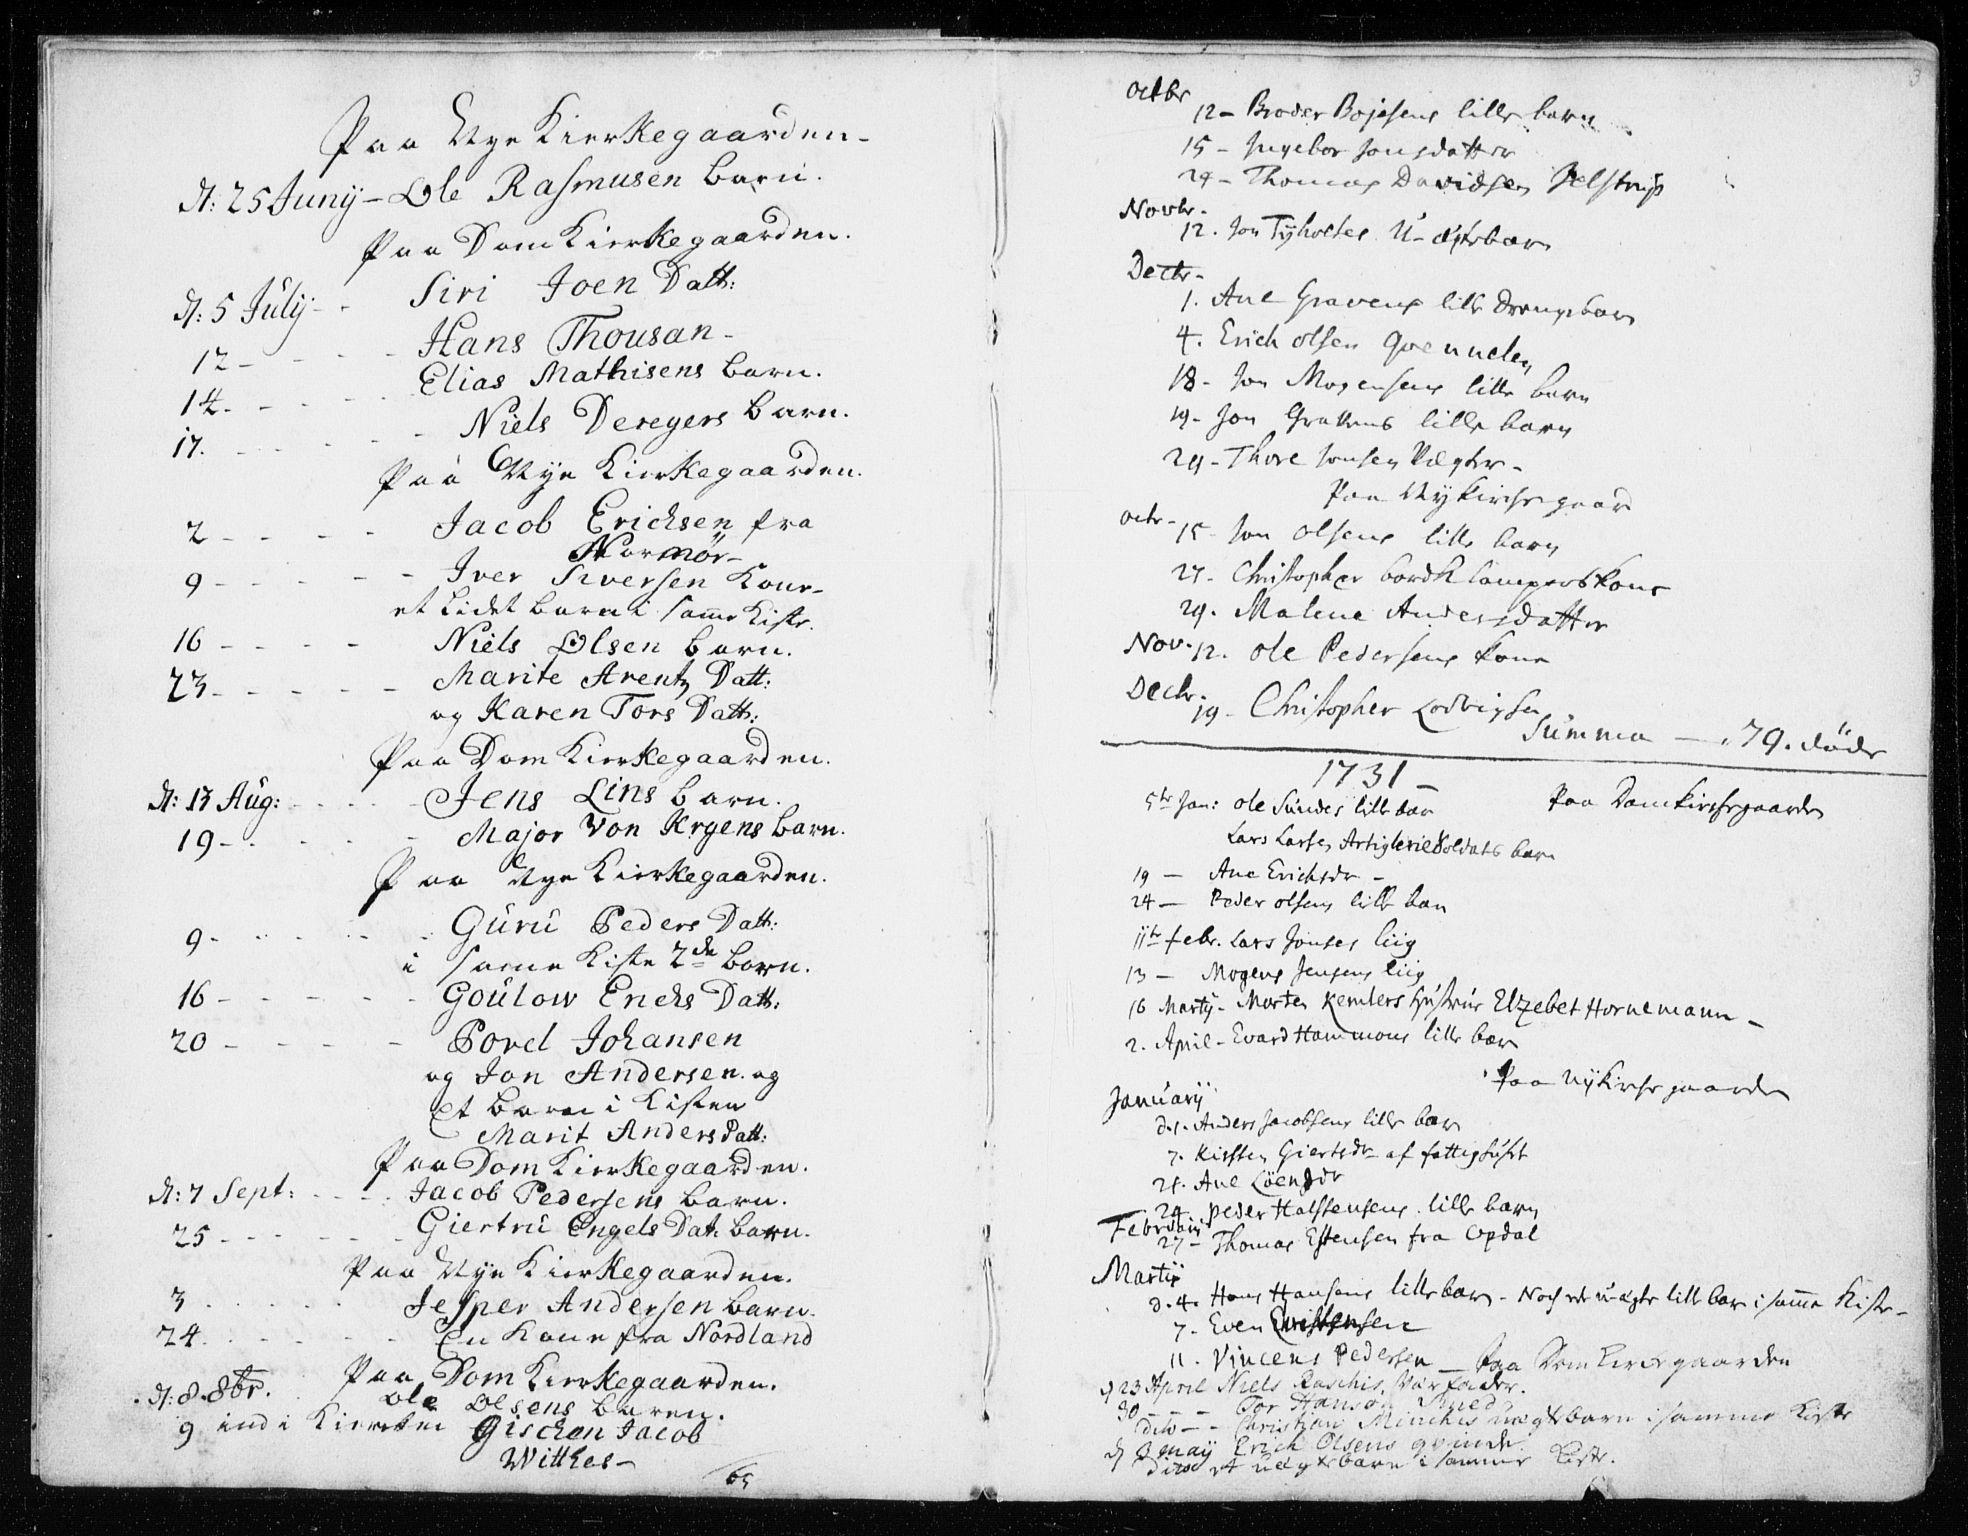 SAT, Ministerialprotokoller, klokkerbøker og fødselsregistre - Sør-Trøndelag, 601/L0037: Ministerialbok nr. 601A05, 1729-1761, s. 3